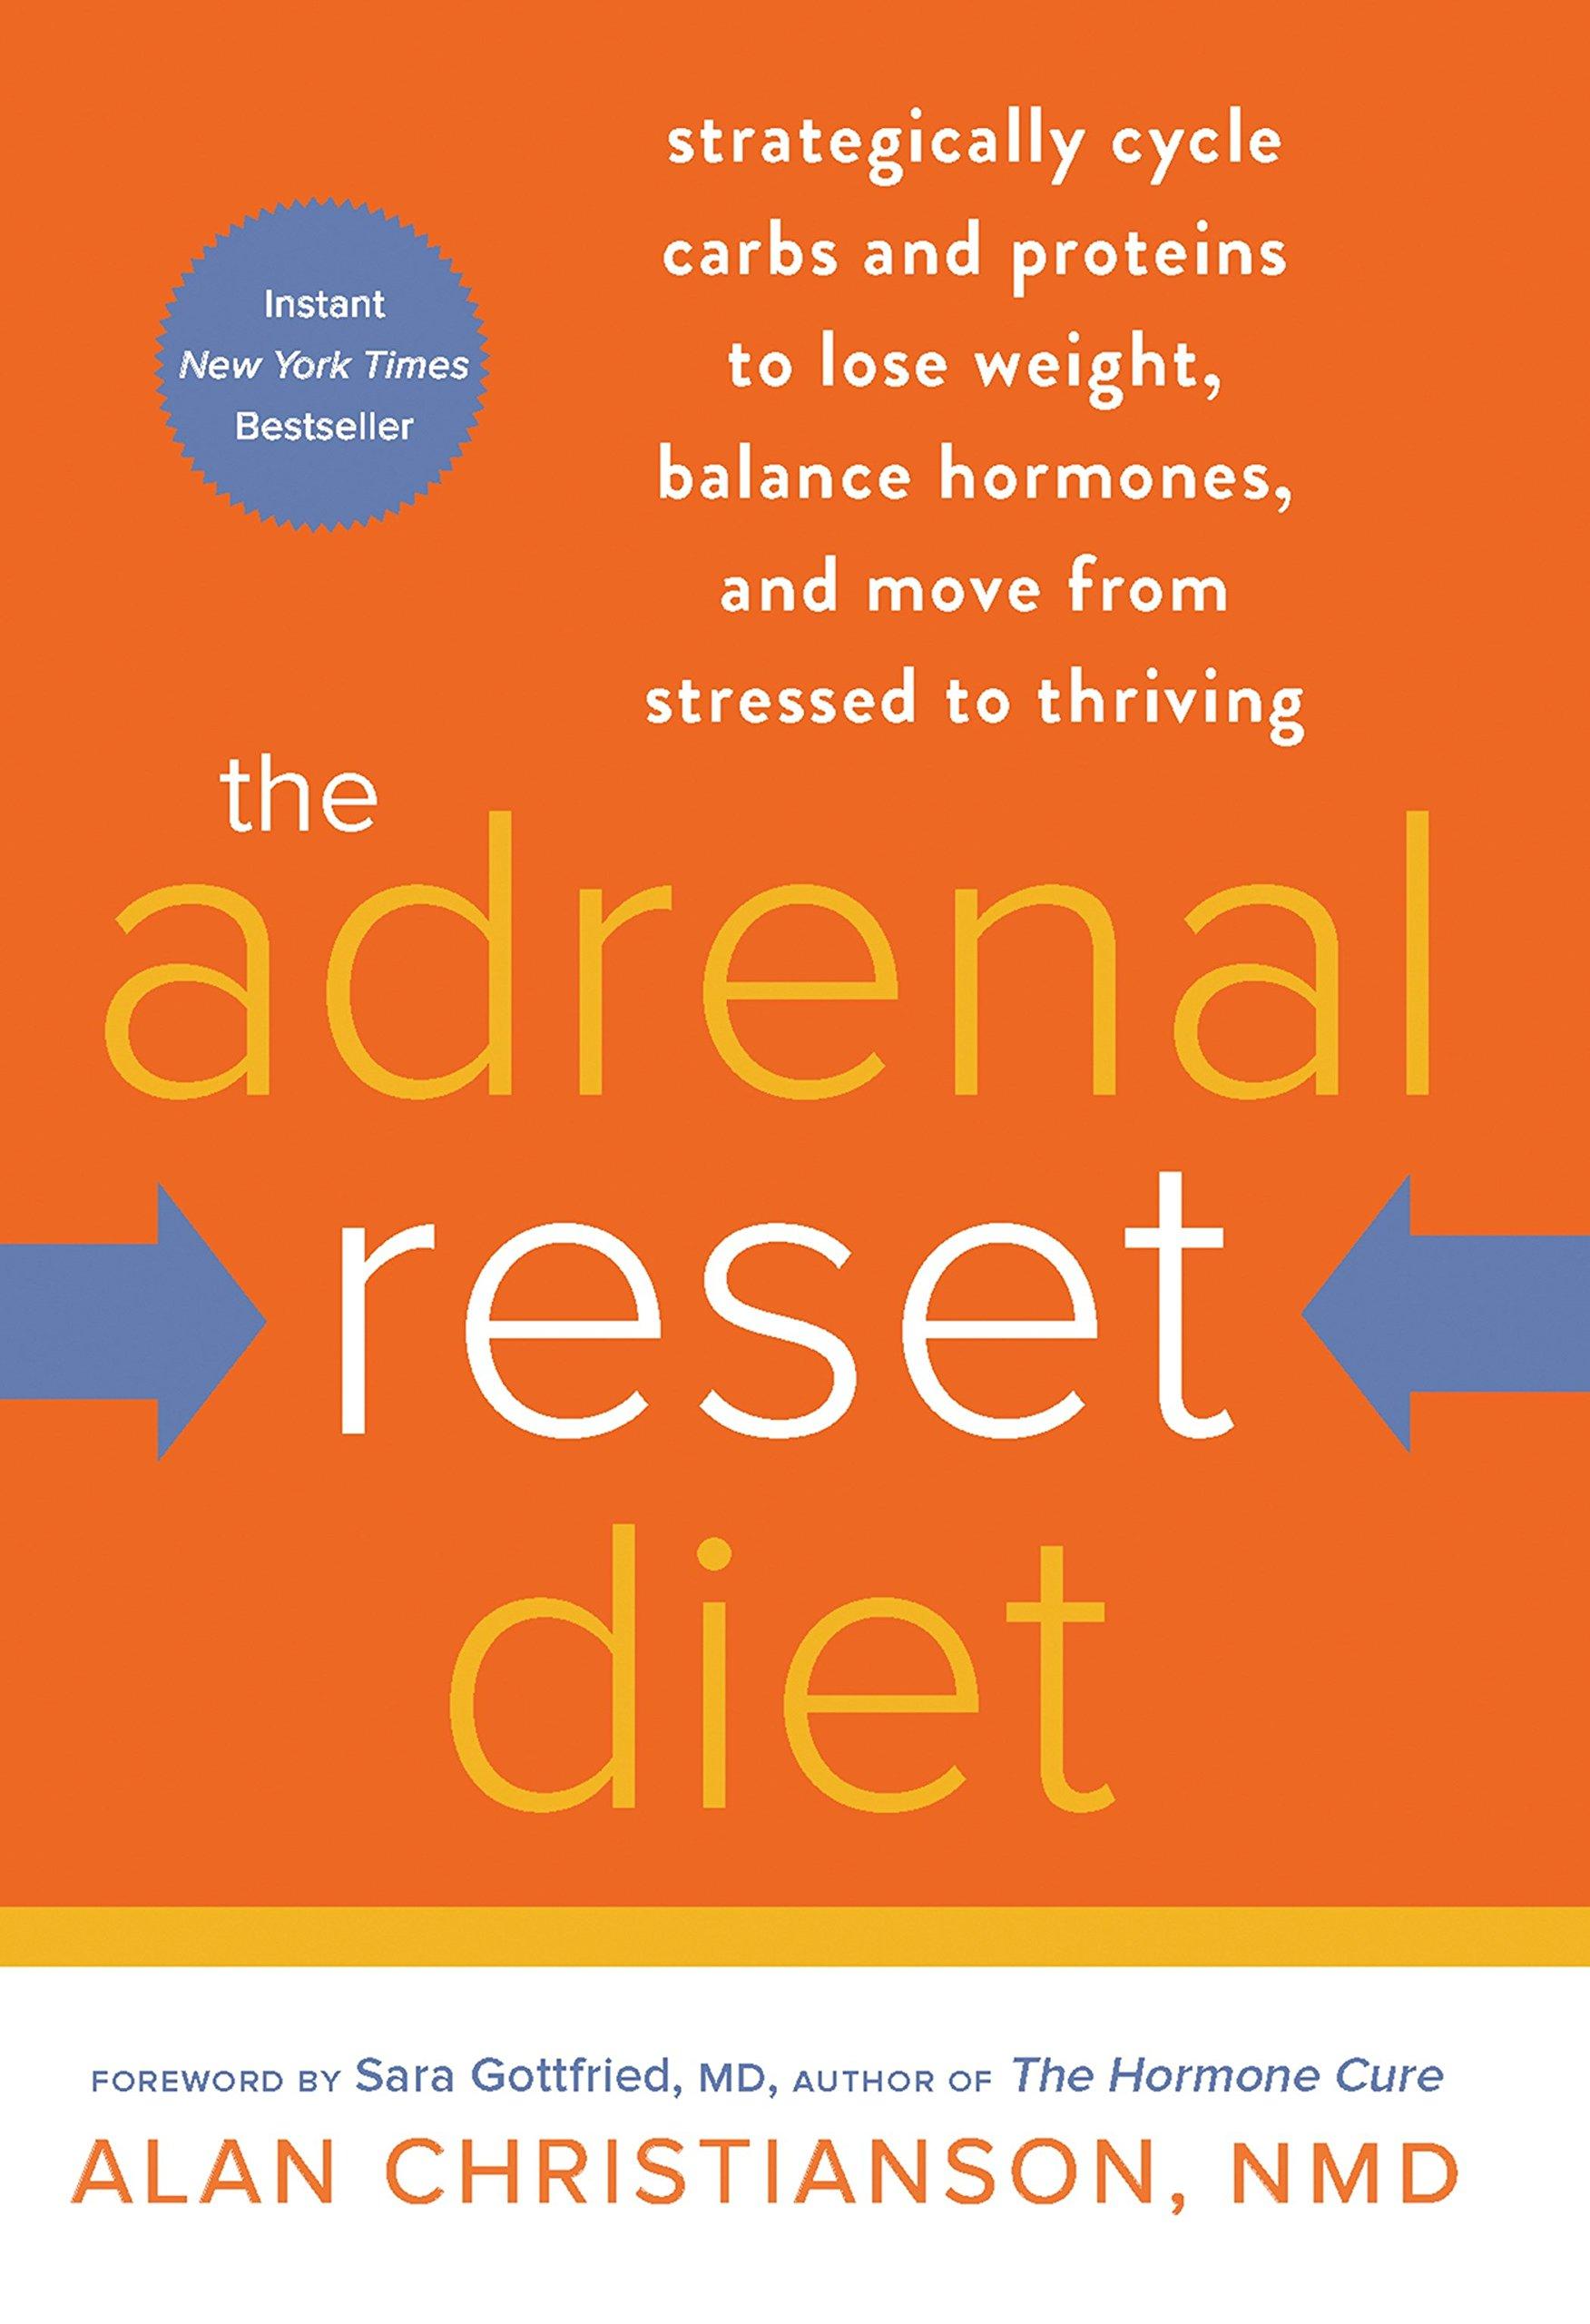 adrenial reset diet vs keto